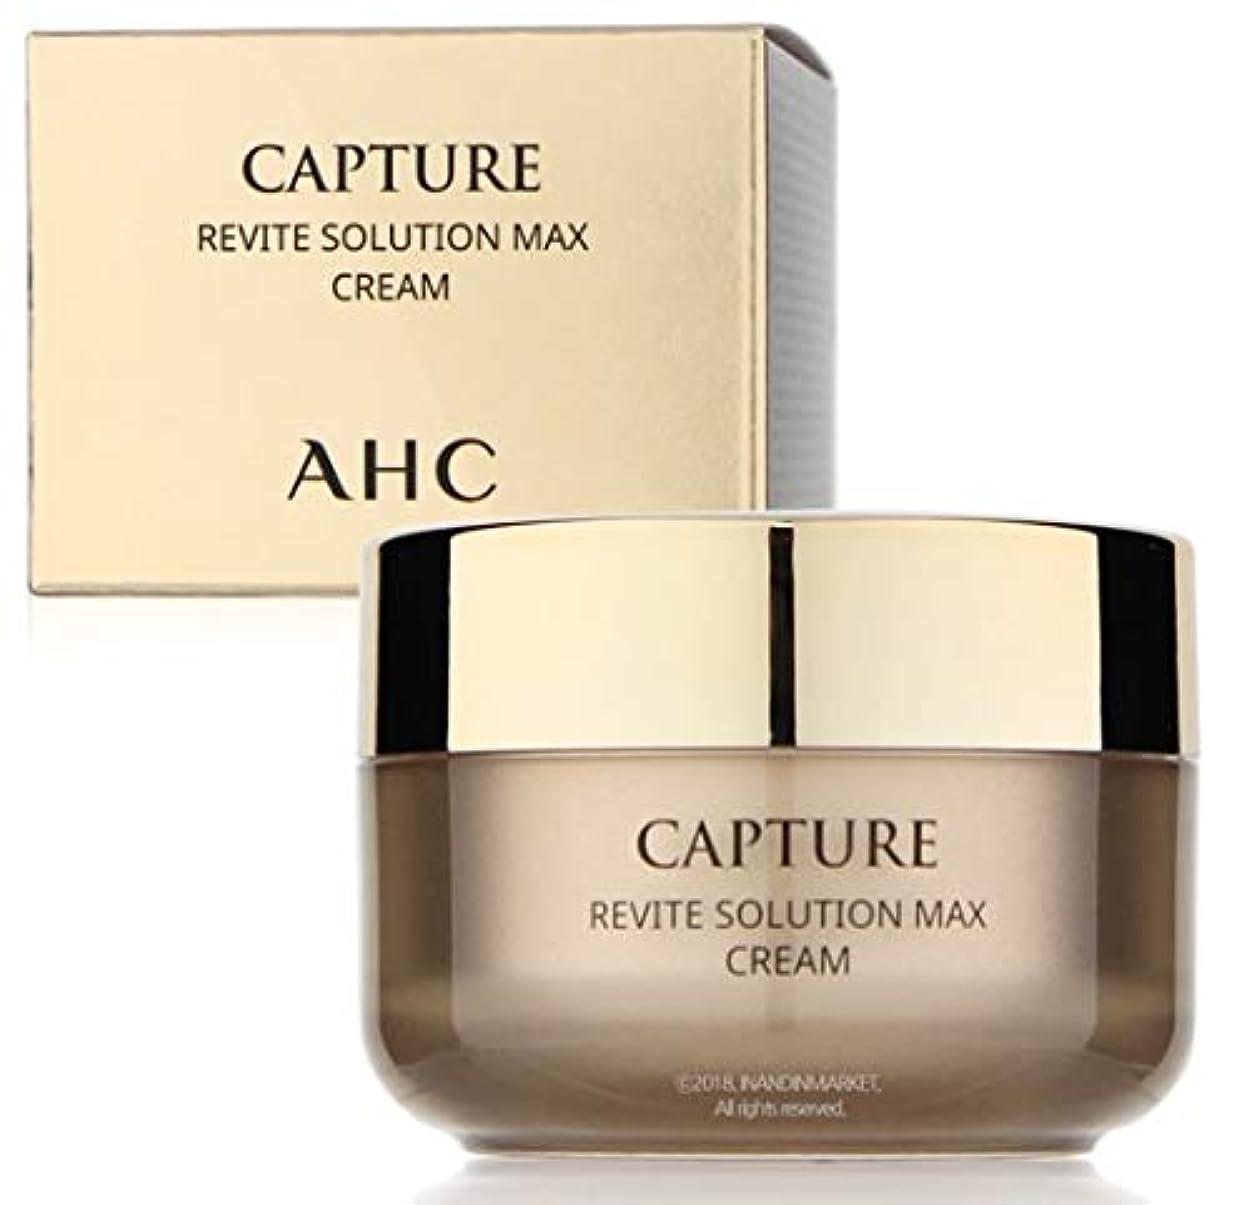 テキスト支給増強するAHC Capture Revite Solution Max Cream/キャプチャー リバイト ソリューション マックス クリーム 50ml [並行輸入品]